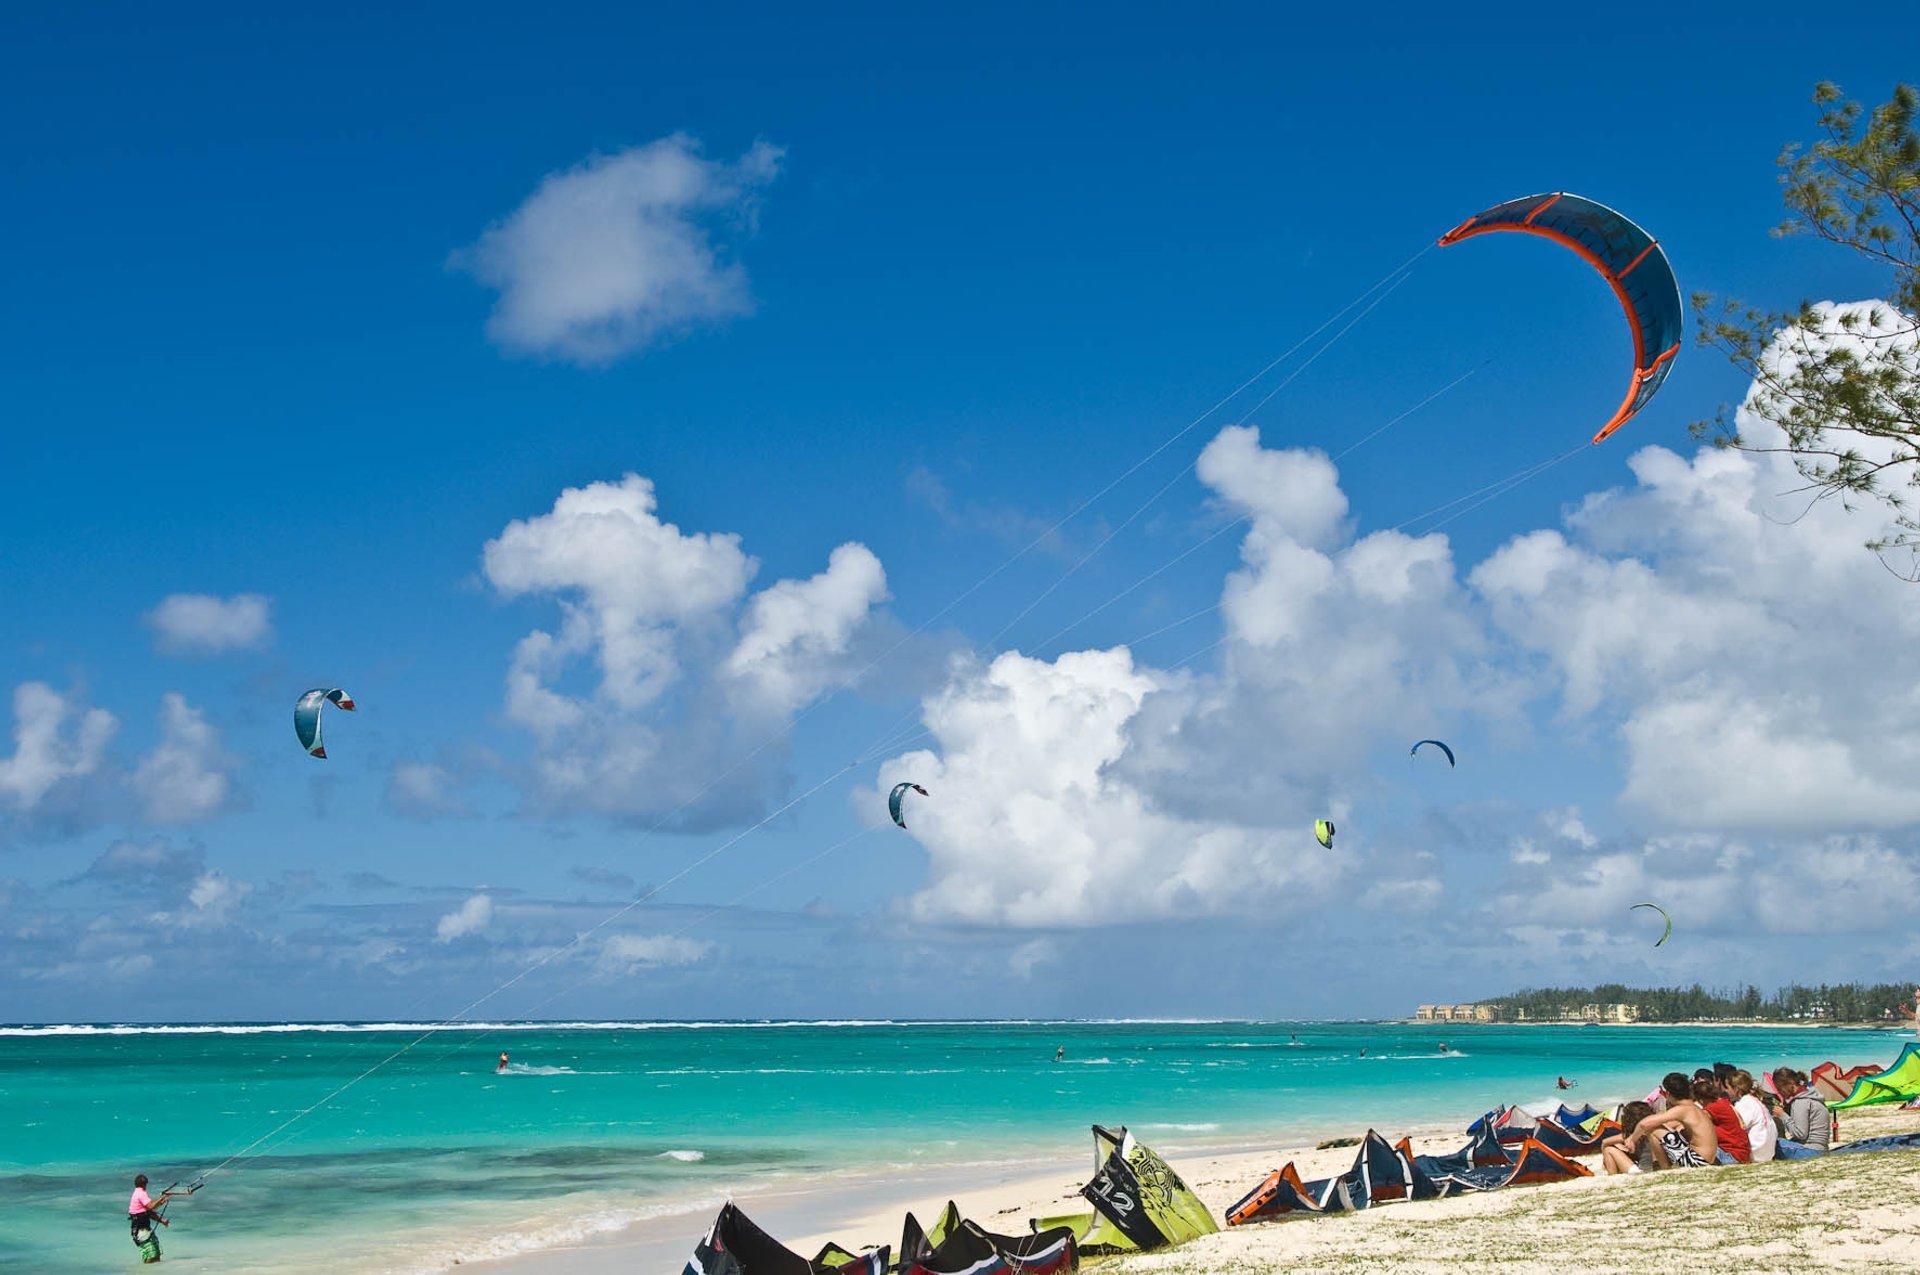 Kitesurfing in Mauritius - Best Season 2020